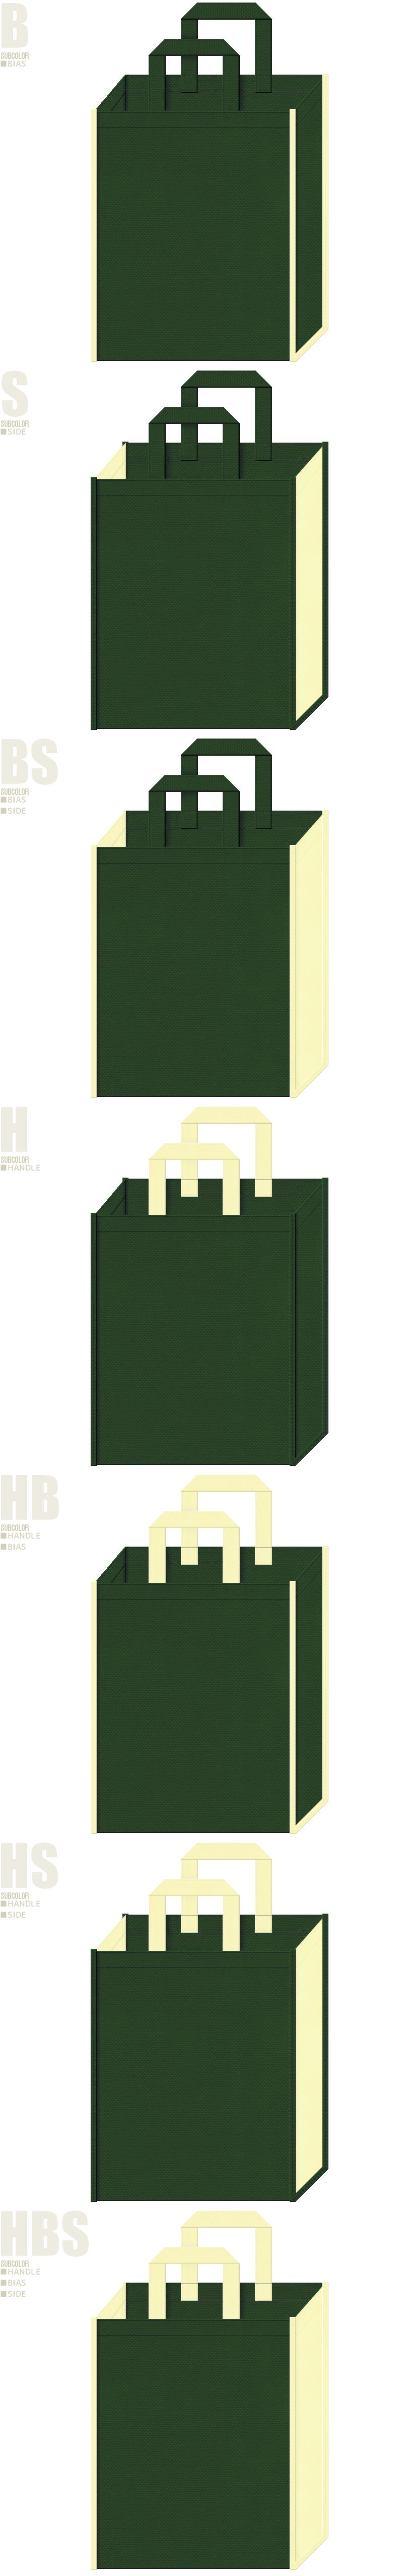 きゅうり・へちま・ランタン・照明器具・登山・アウトドア・キャンプ用品の展示会用バッグにお奨めの不織布バッグデザイン:濃緑色と薄黄色の配色7パターン